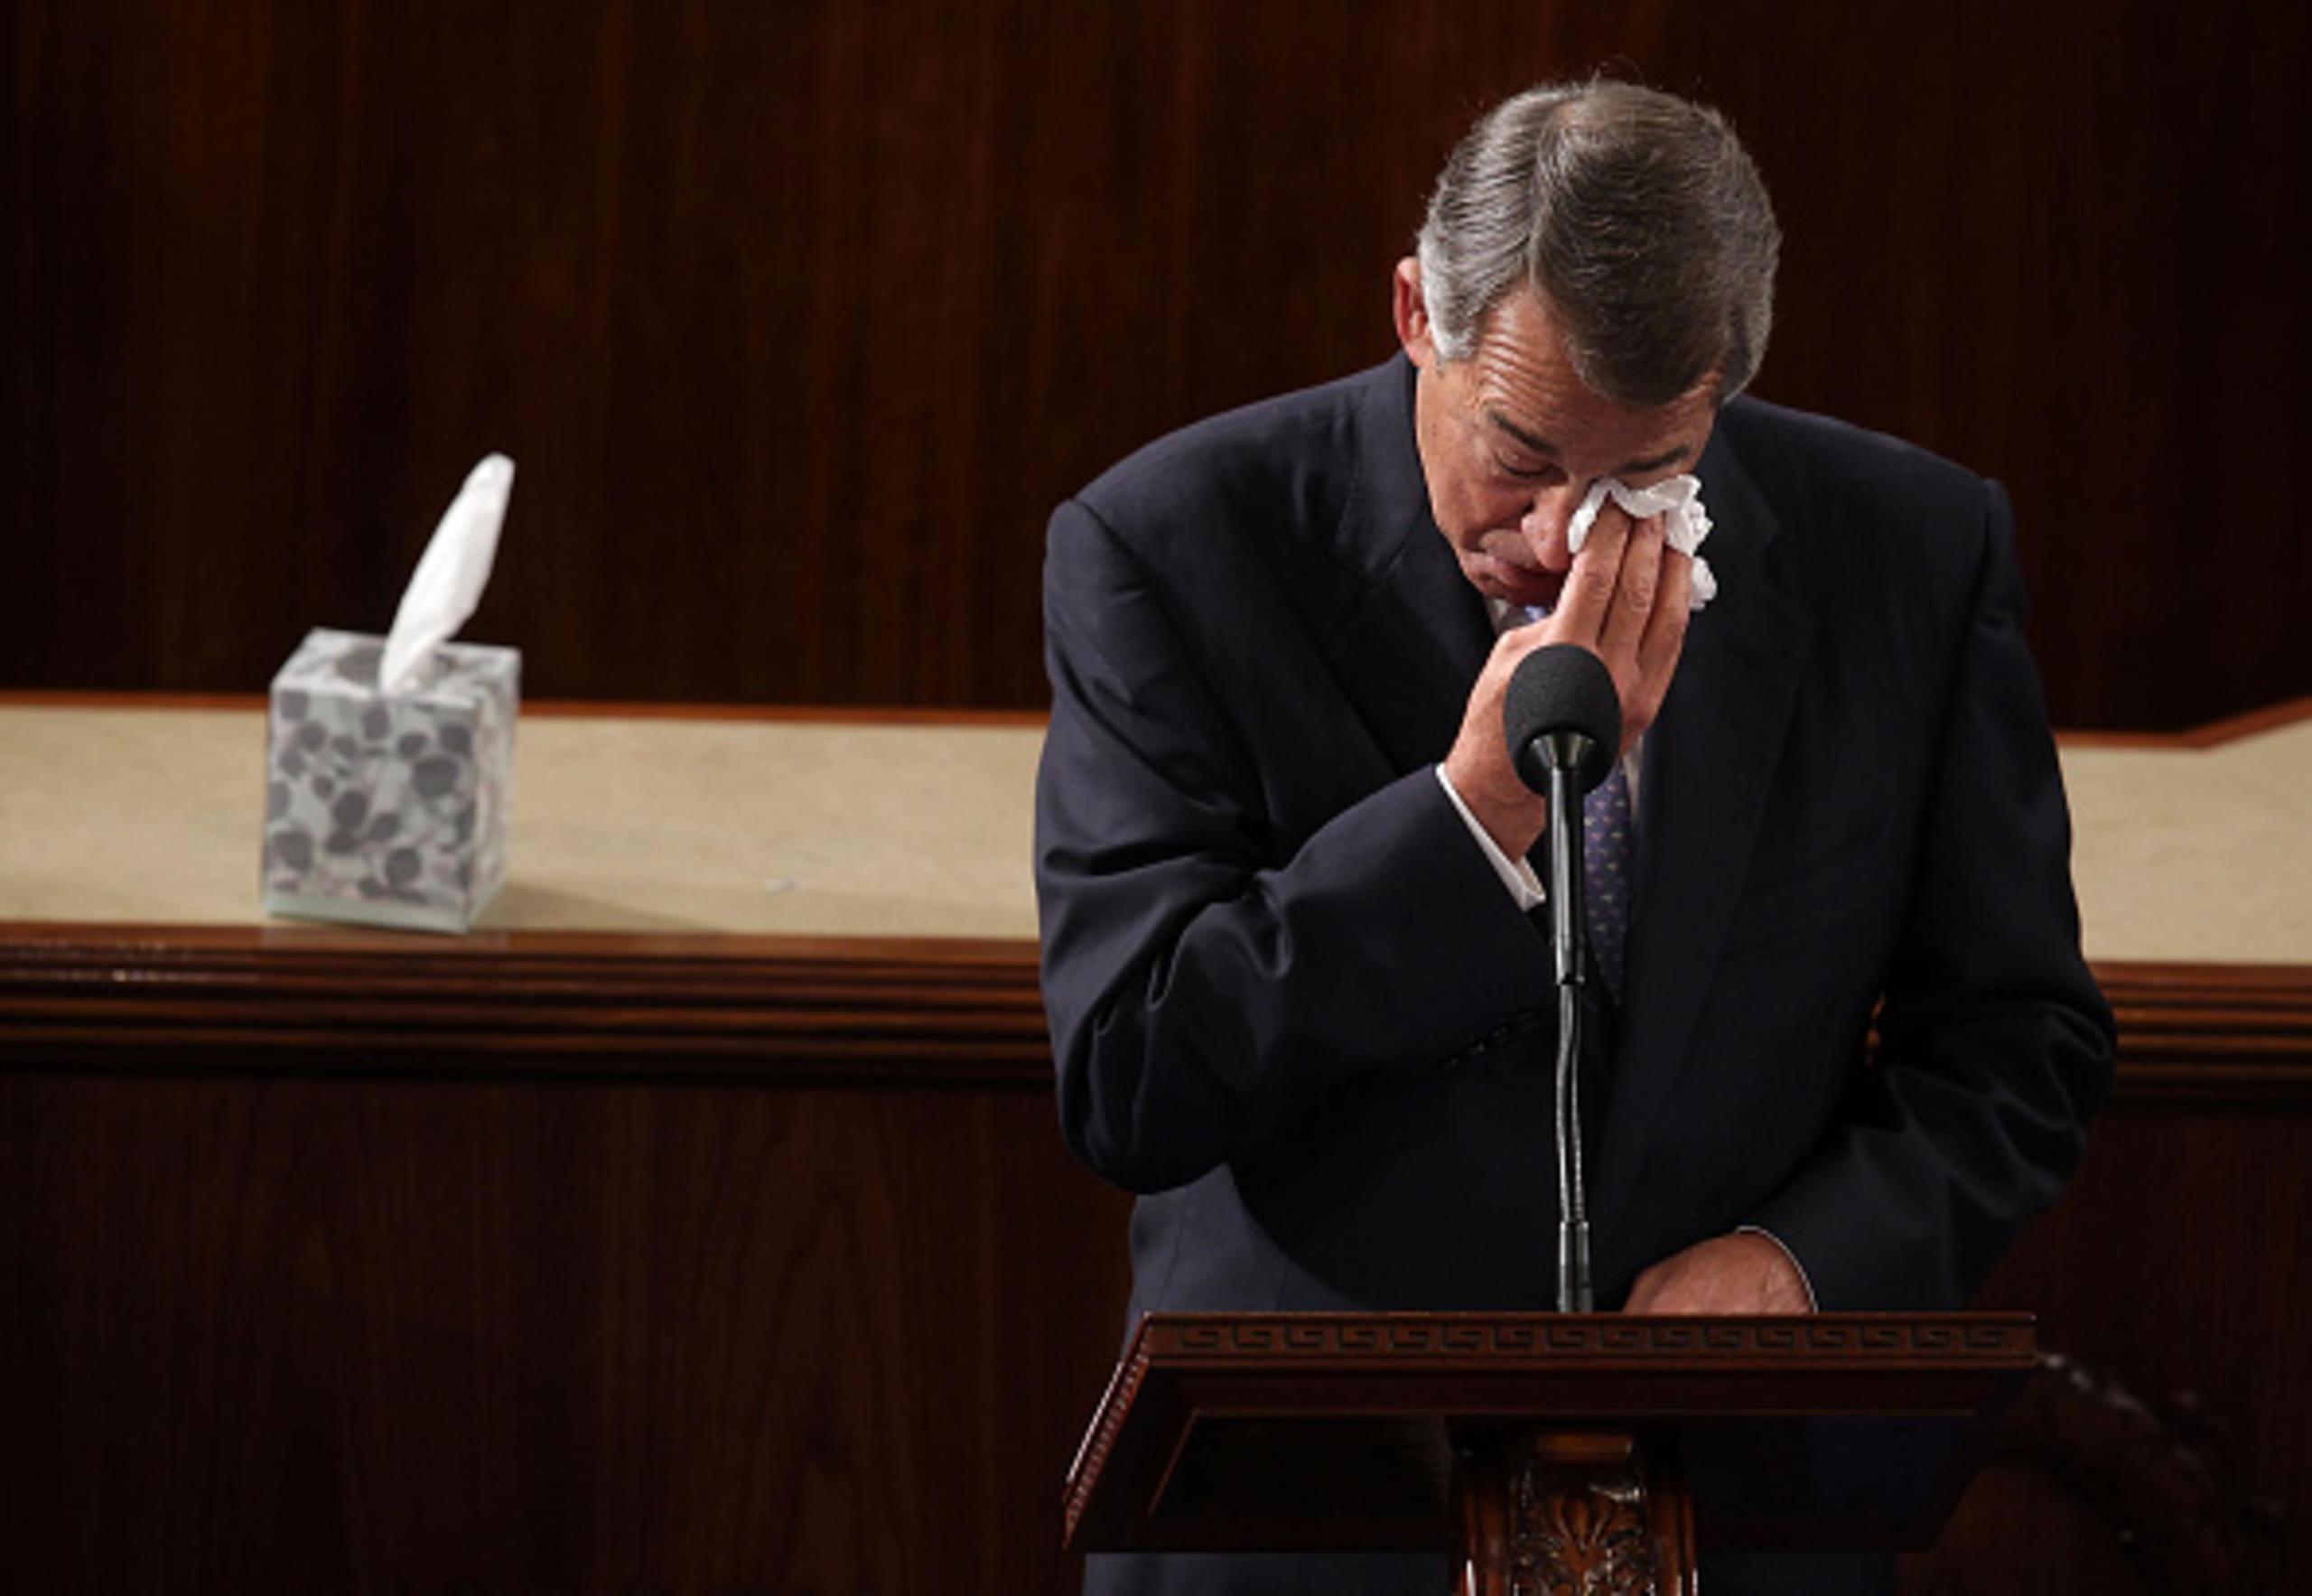 John Boehner, MedMen CEO Heckled at SXSW